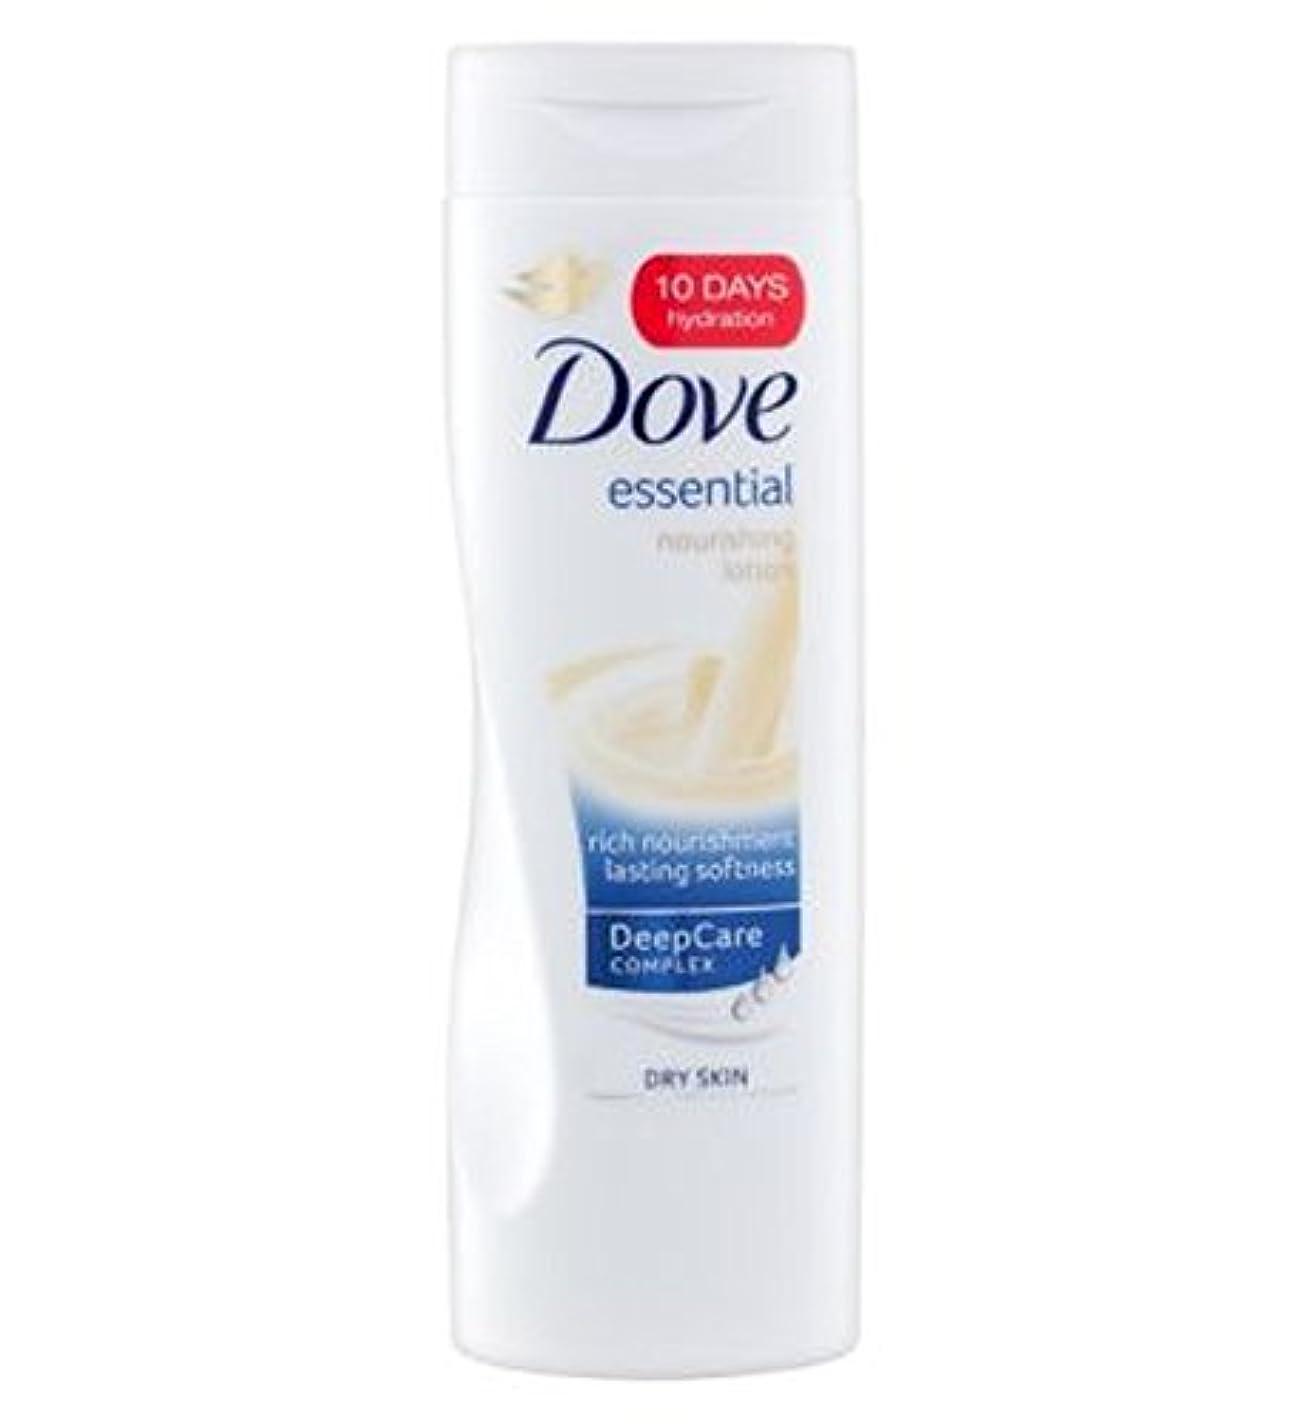 後悔眩惑する換気するDove Essential Nourishing Lotion Dry Skin 400ml - 鳩不可欠な栄養ローション乾燥肌用400ミリリットル (Dove) [並行輸入品]